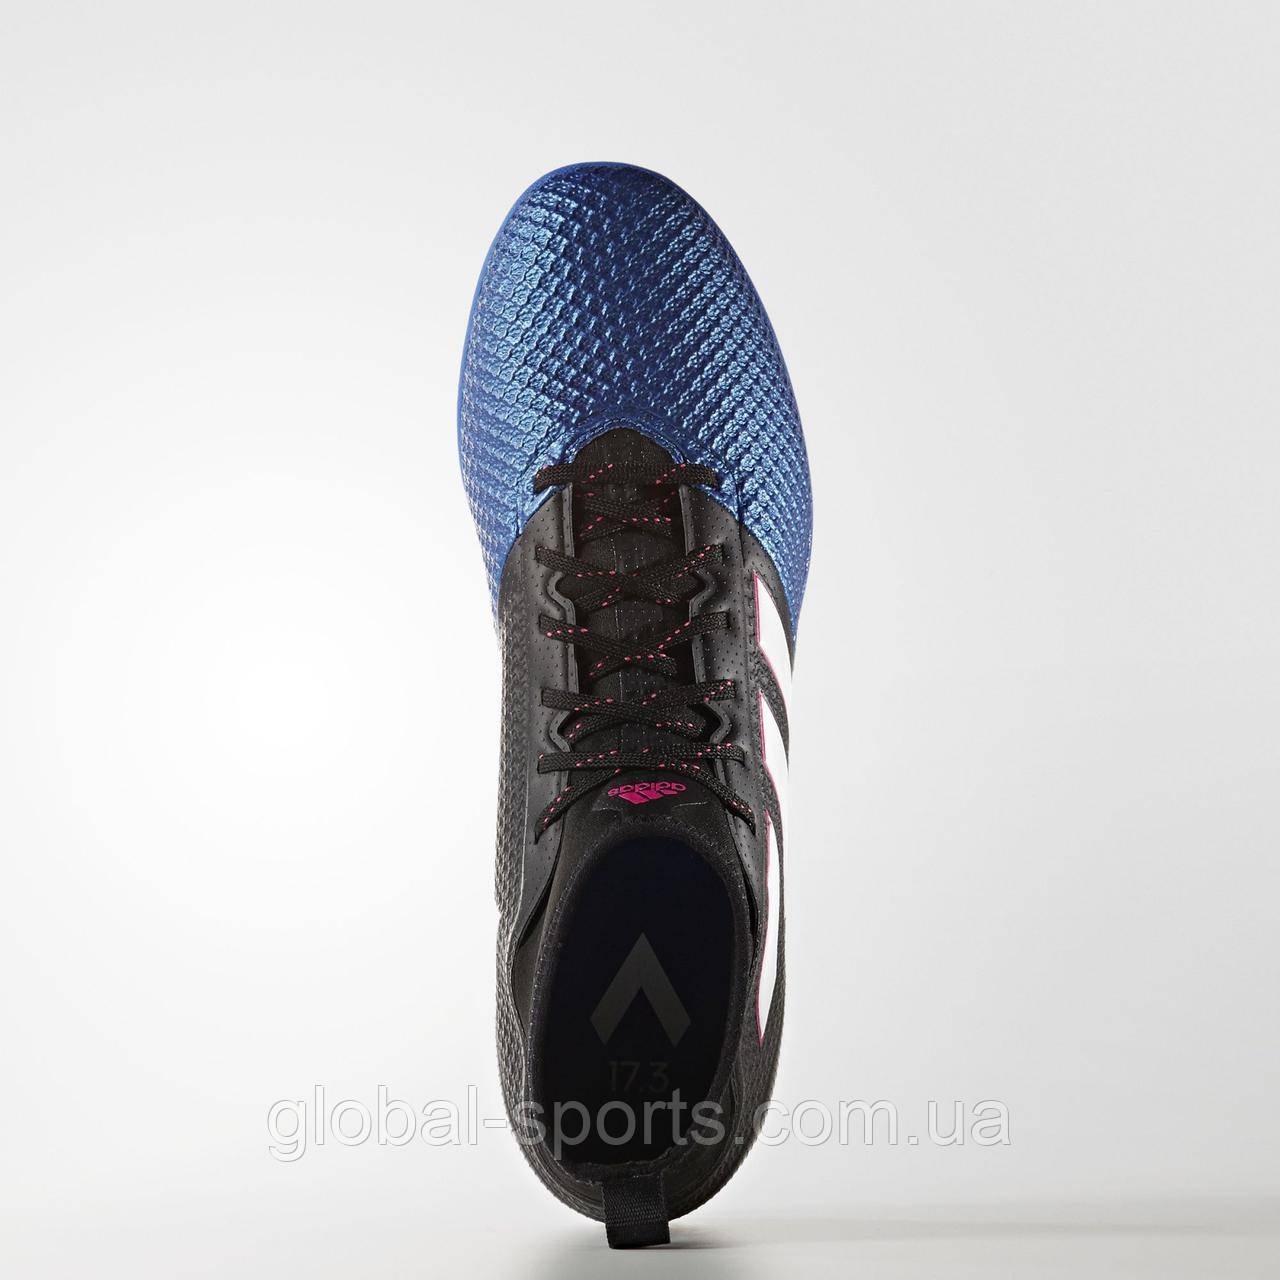 63ee3a88 ... Футбольные бутсы (сороконожки) Adidas ACE 17.3 Primemesh TF (Артикул:  BB0863), ...